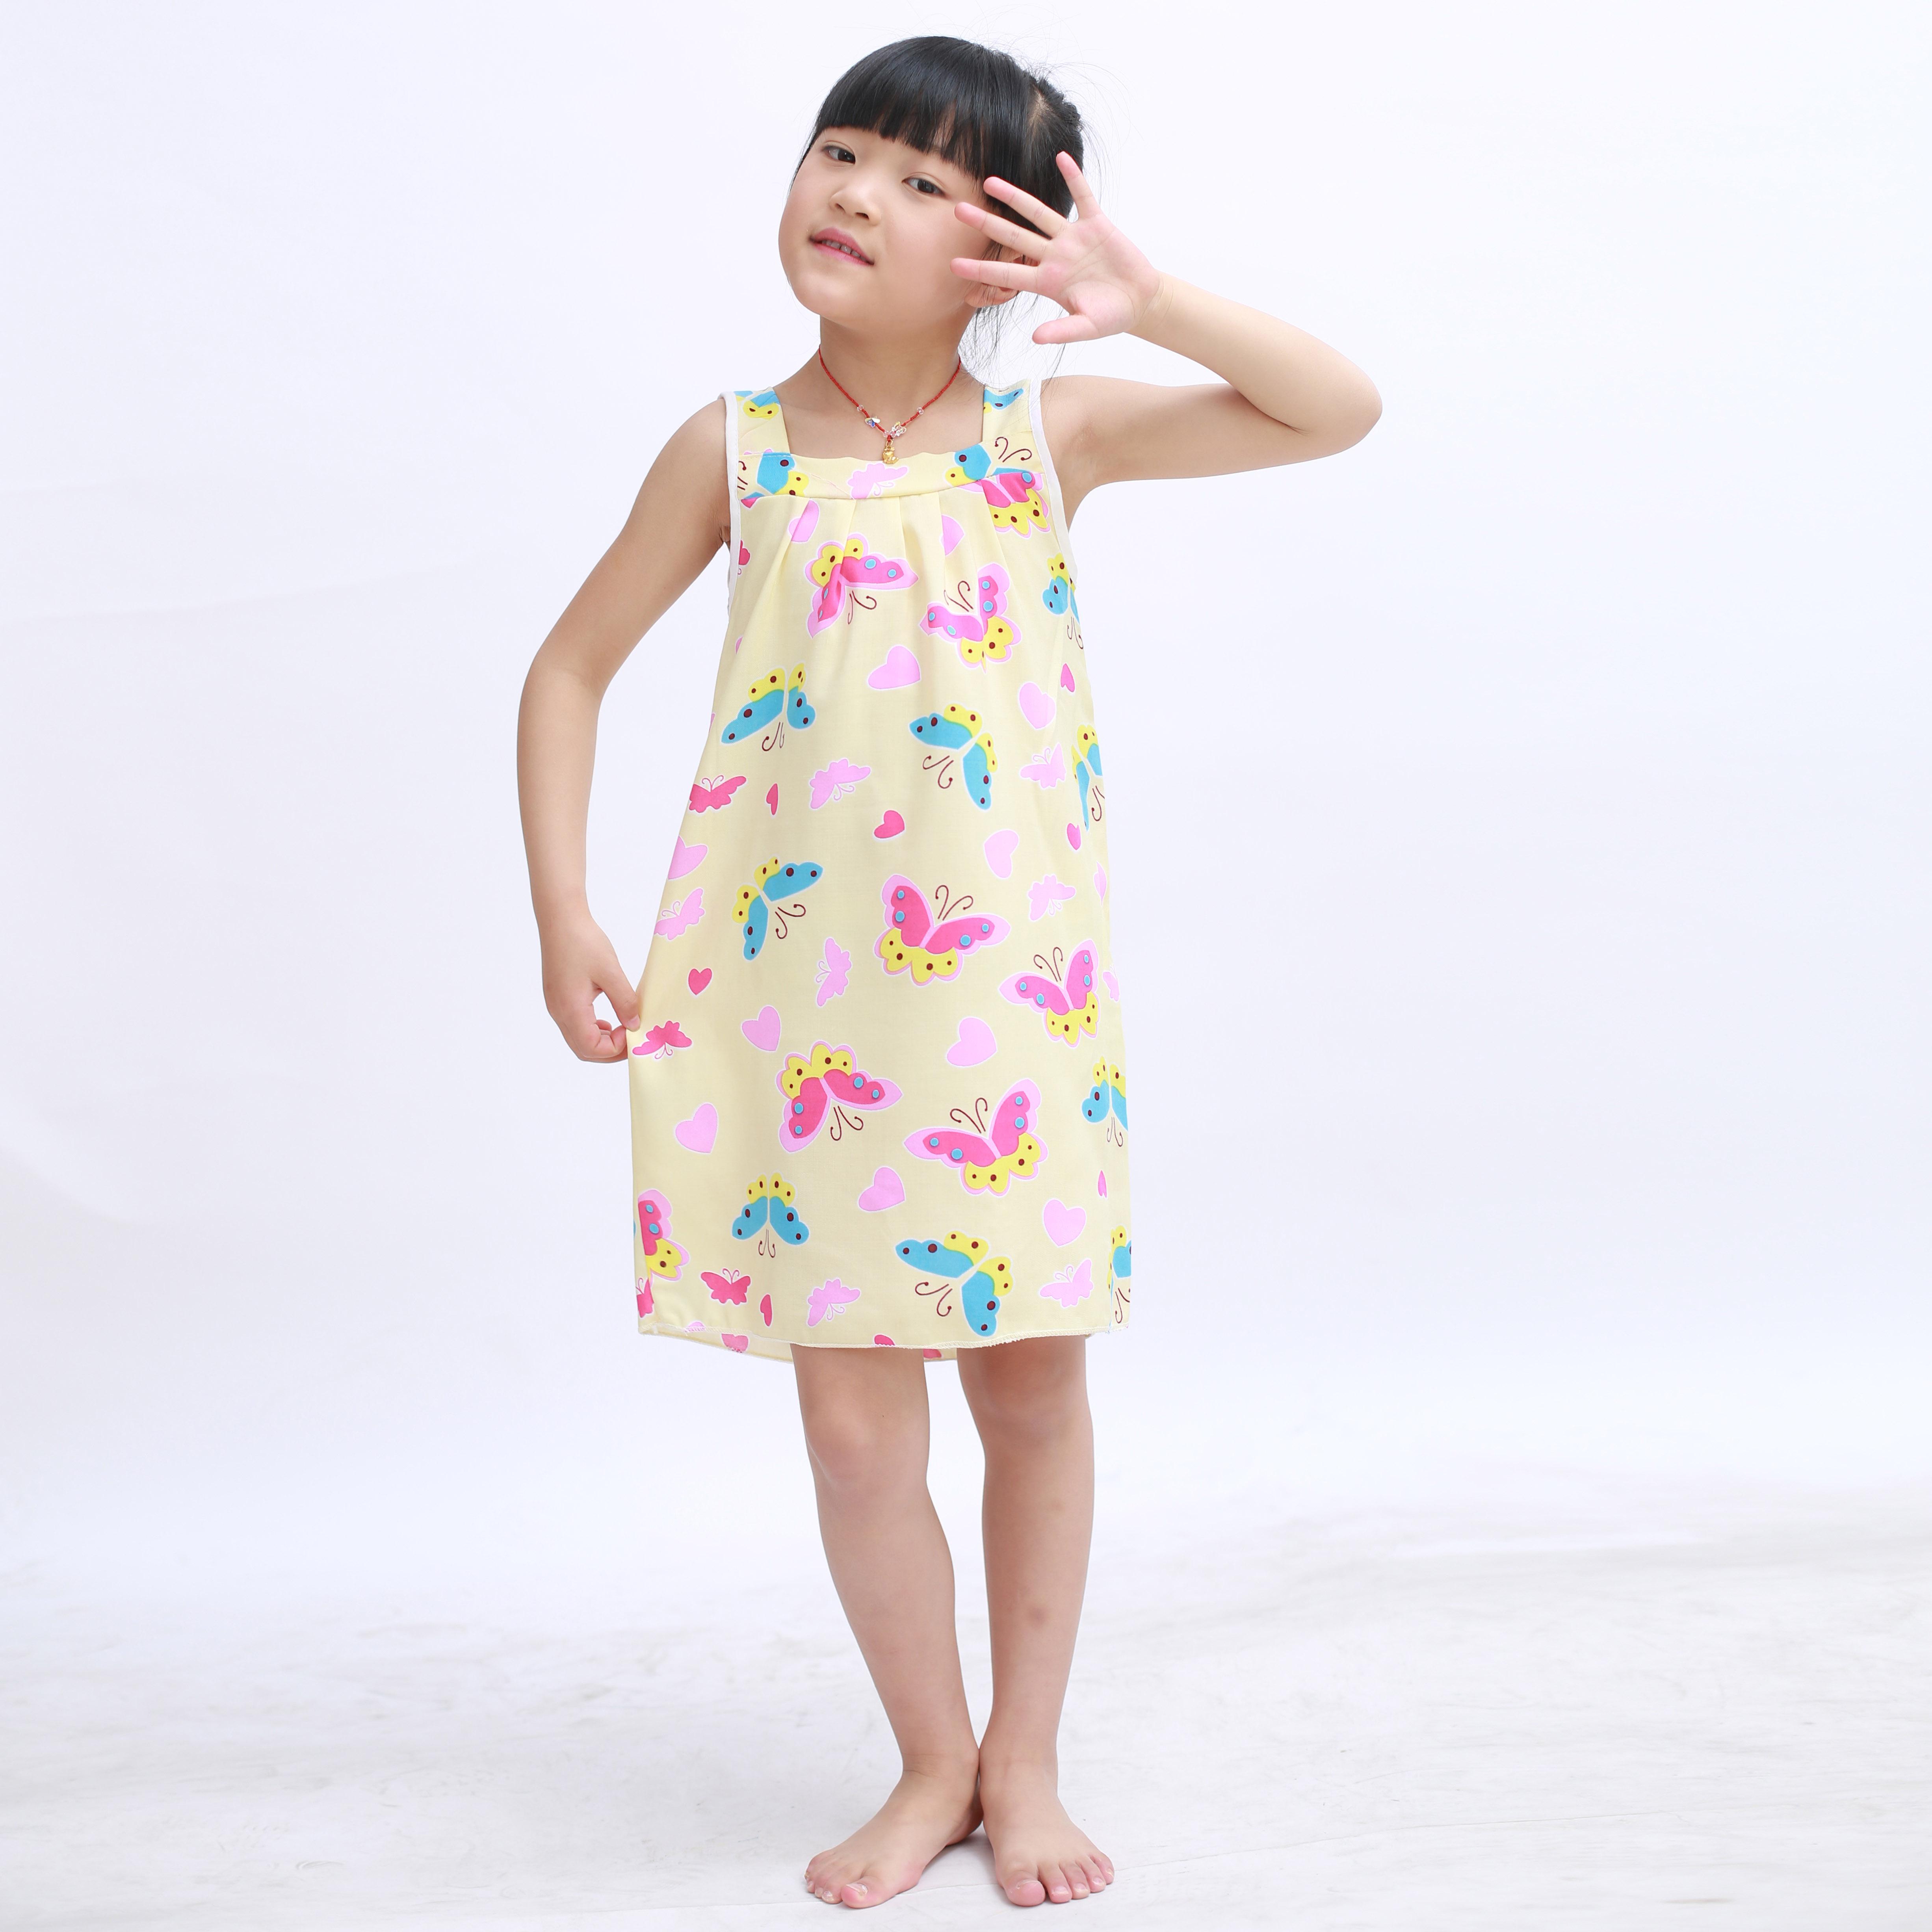 儿童睡裙棉绸夏季薄款吊袋女童公主纯绵绸连衣裙睡衣中大童家居服